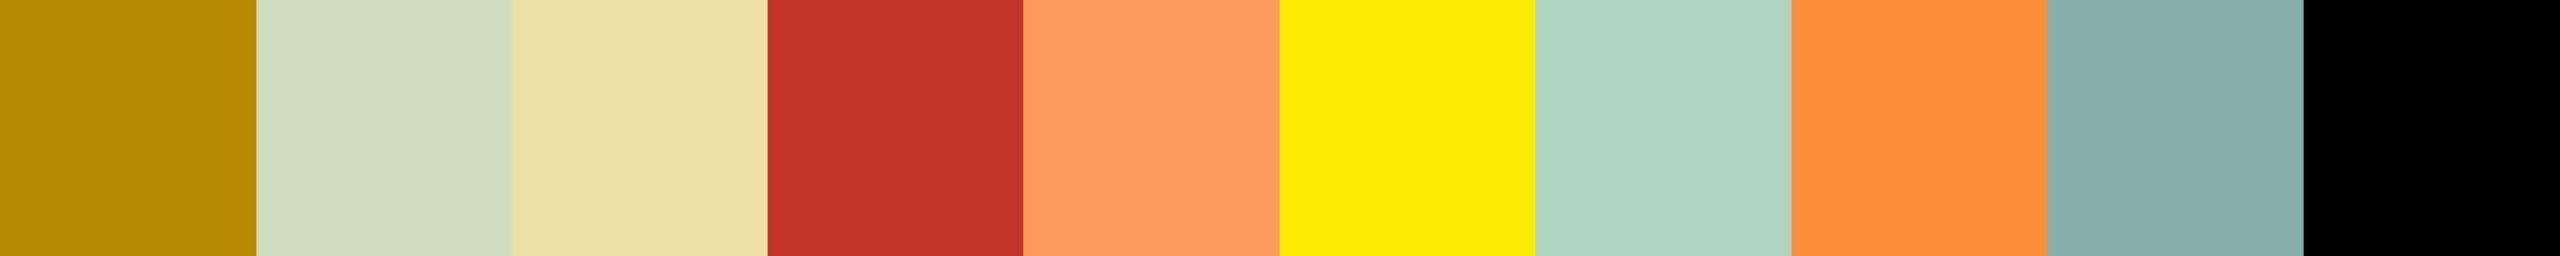 435 Zistae Color Palette